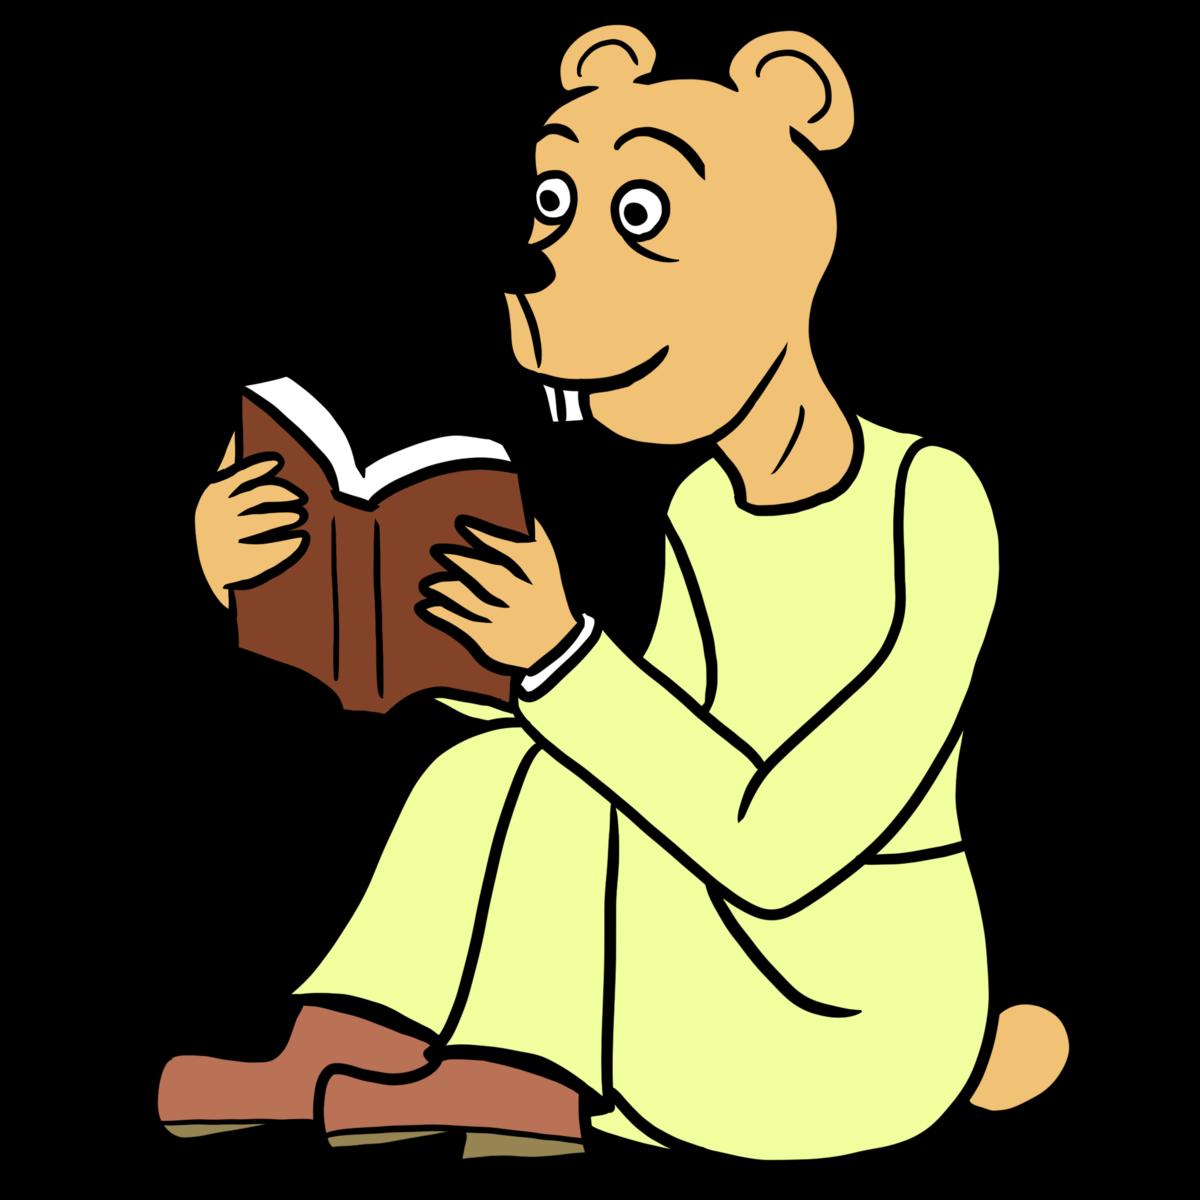 読書するクマのイラスト